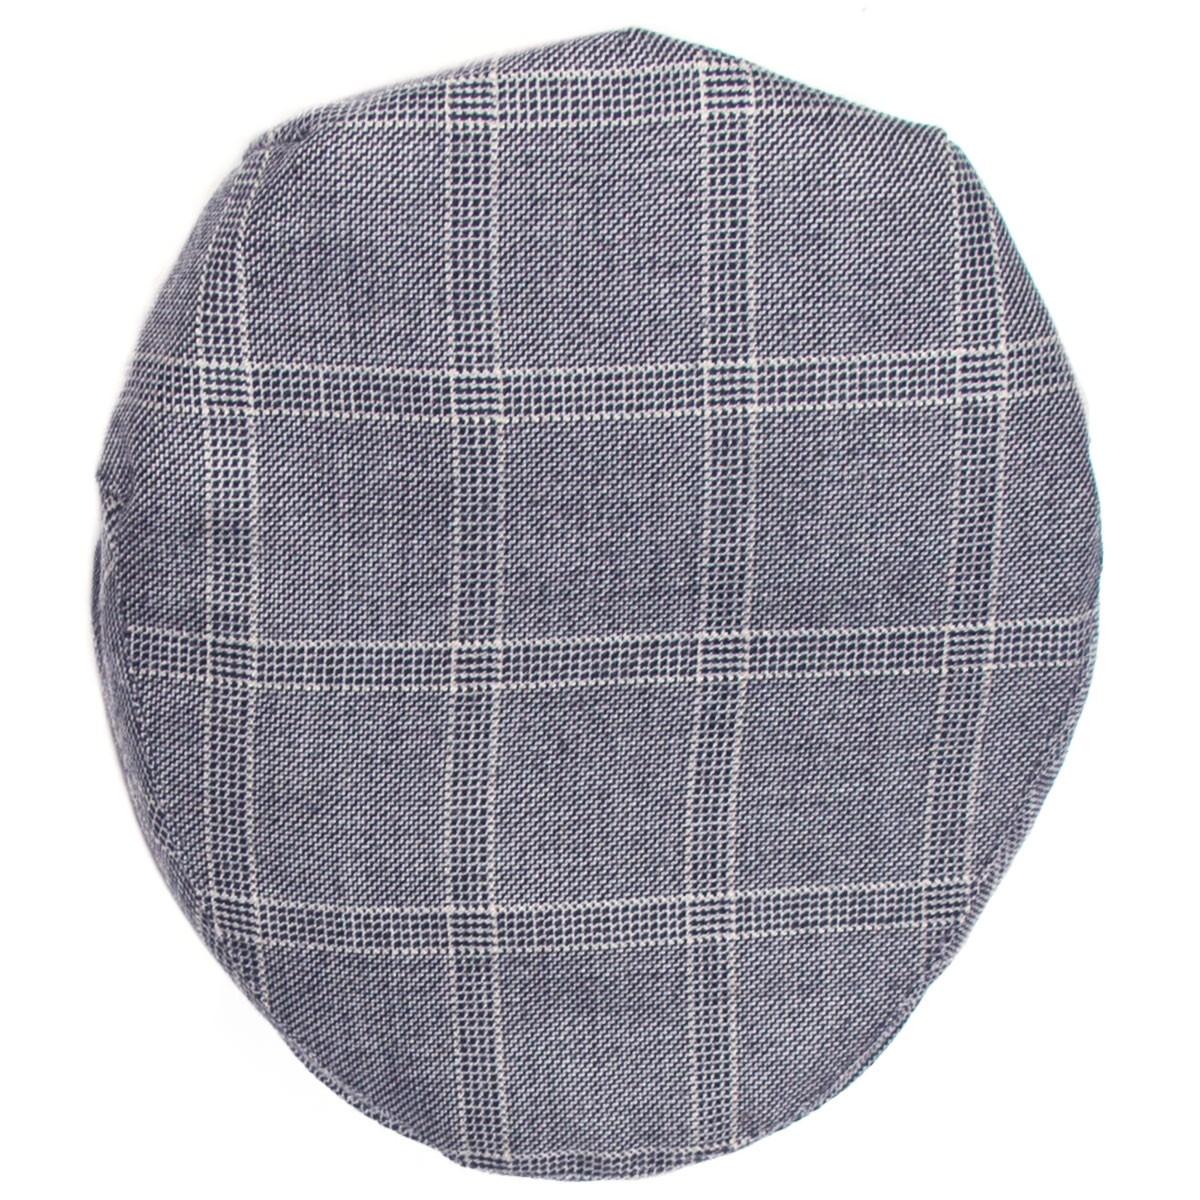 Dornoch Check Tweed Barnton Flat Ca